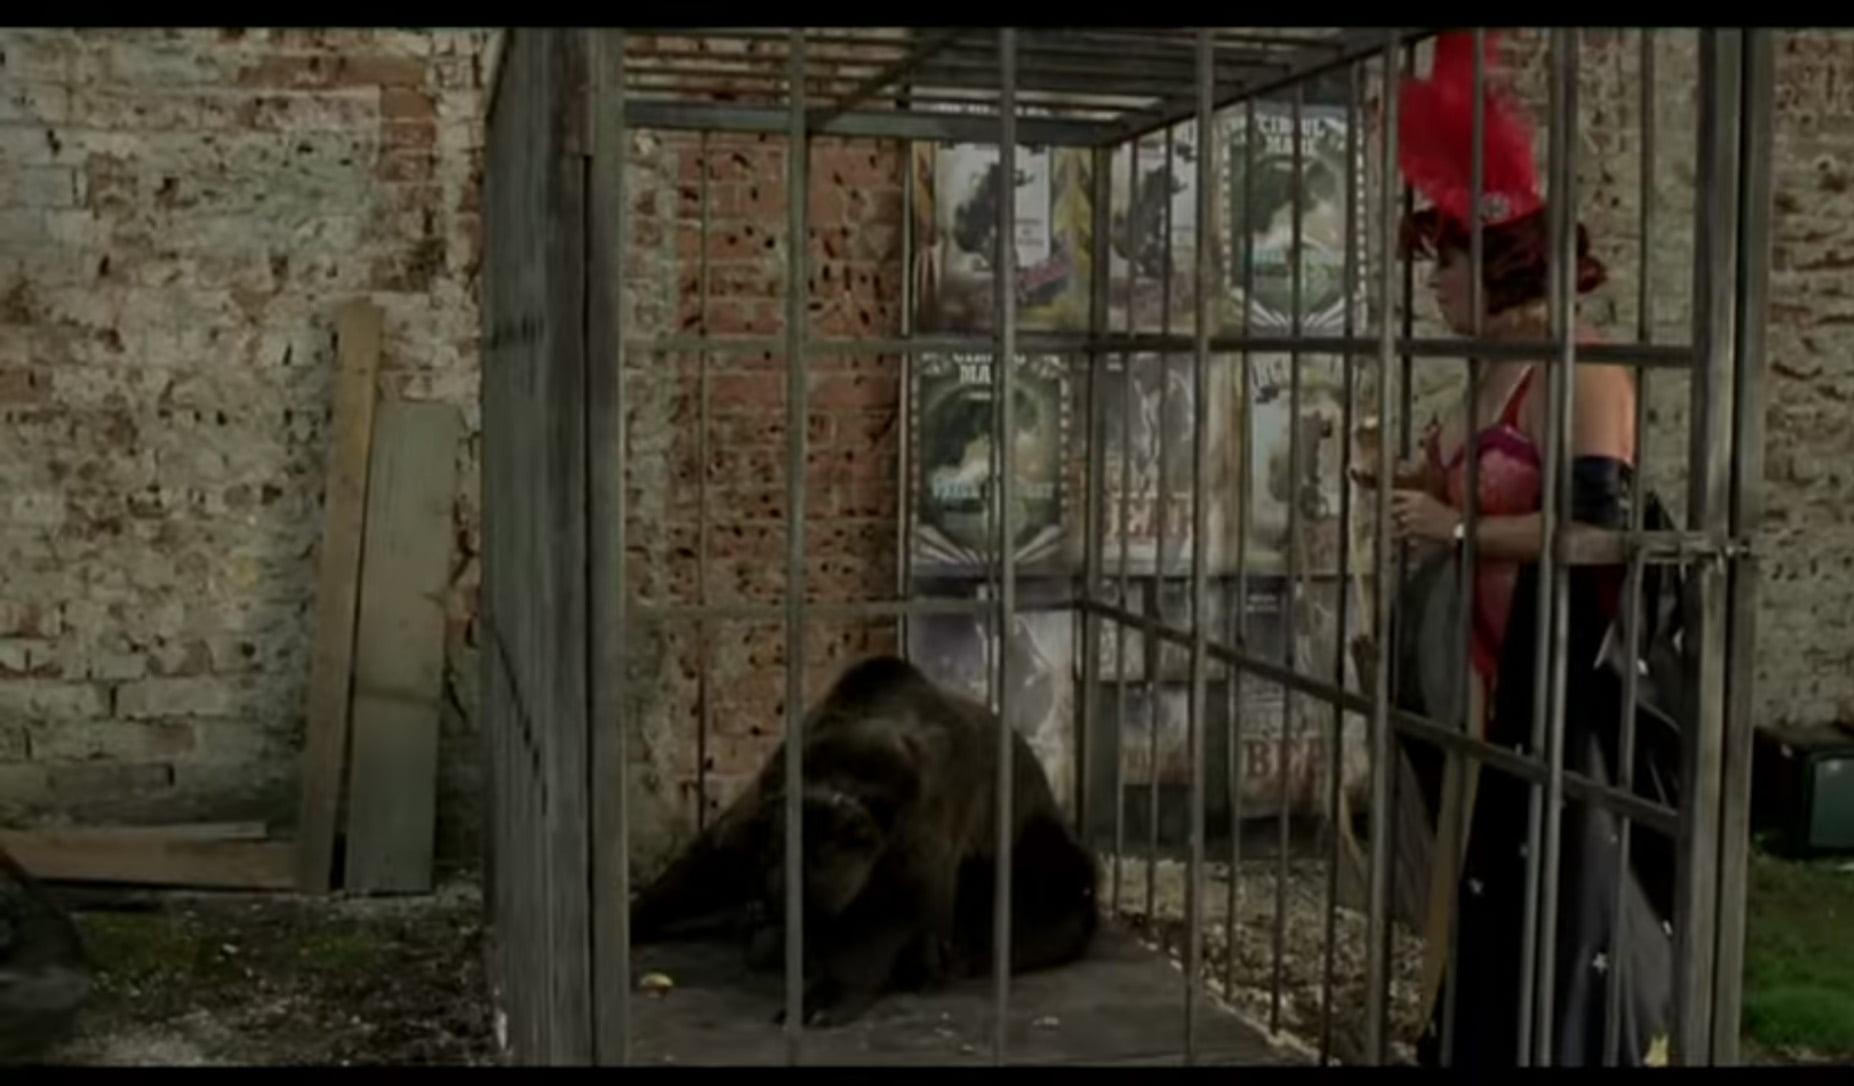 Ursul - de Dan Chisu - 2011